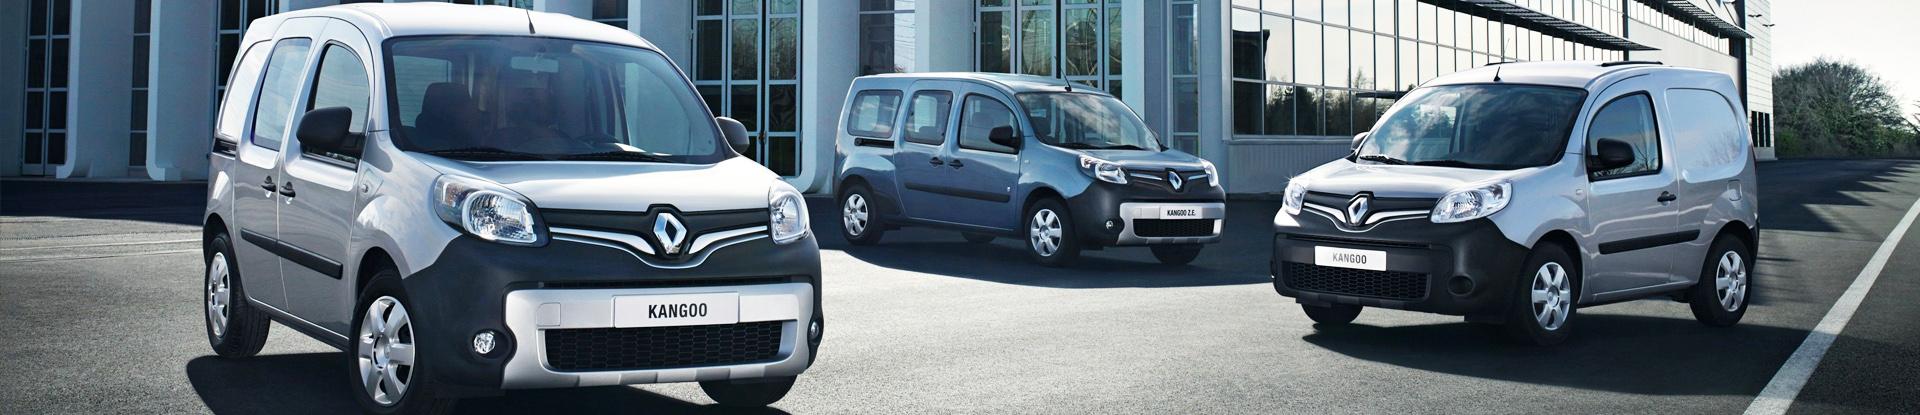 Die Transporter LKWs von Renault P&A